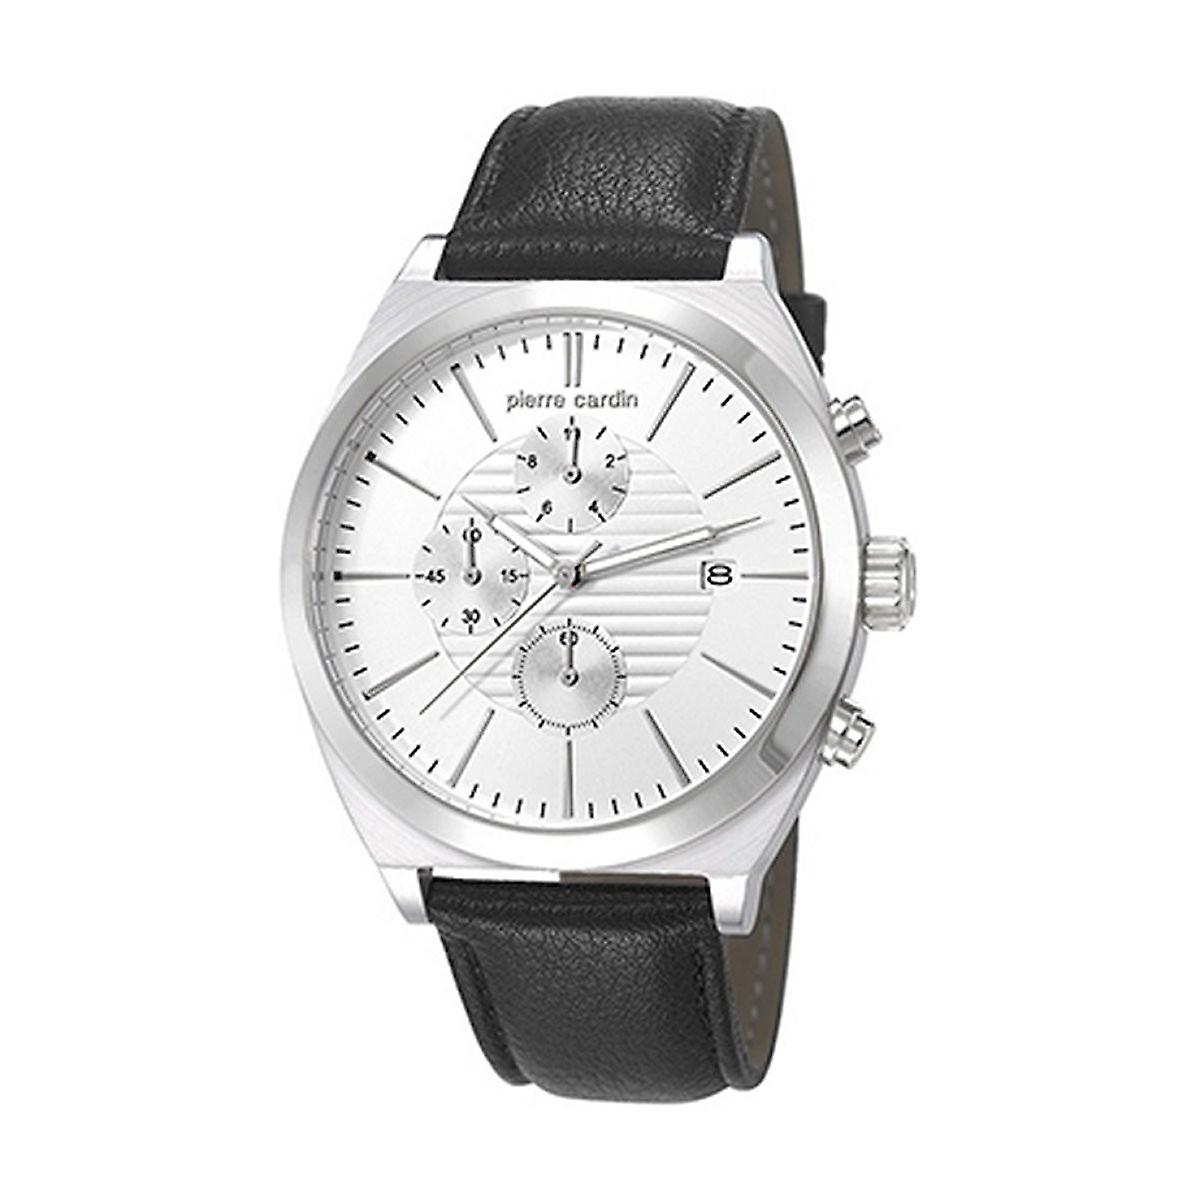 Pierre Cardin Herren Uhr Armbanduhr Chrono CAMBRONNE Leder PC106701F01